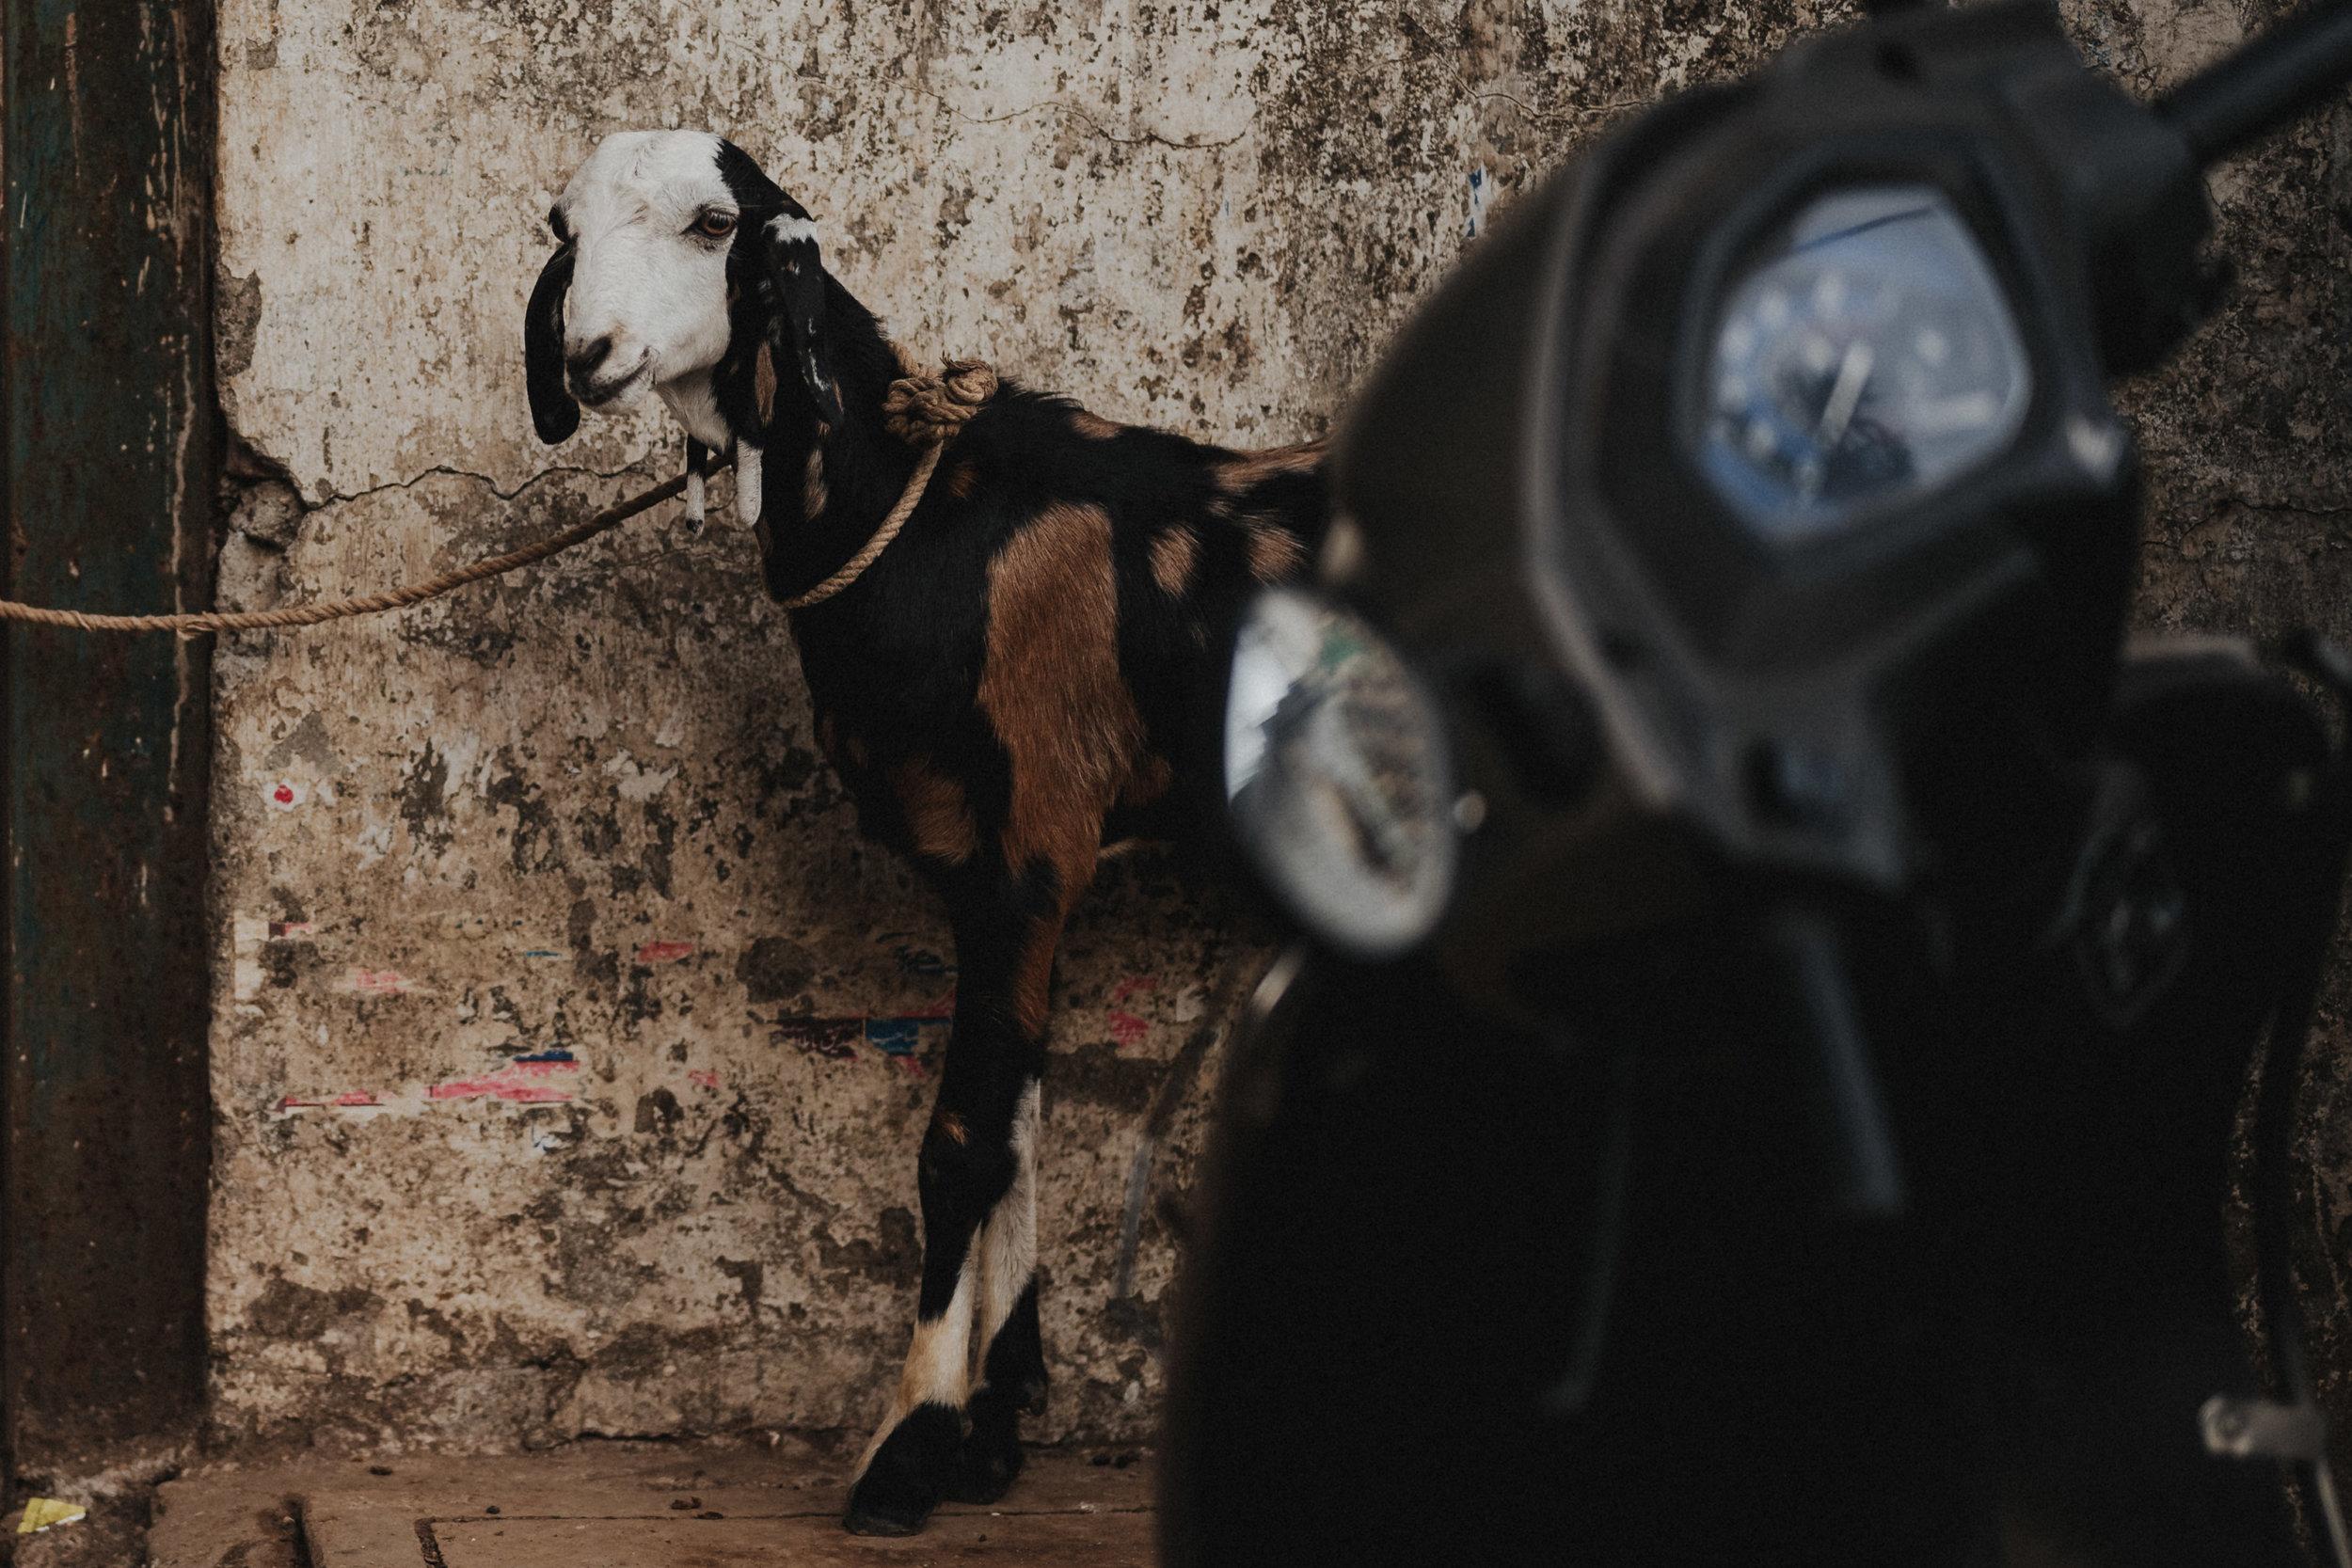 Ziege auf der Strasse in Mumbai Indien